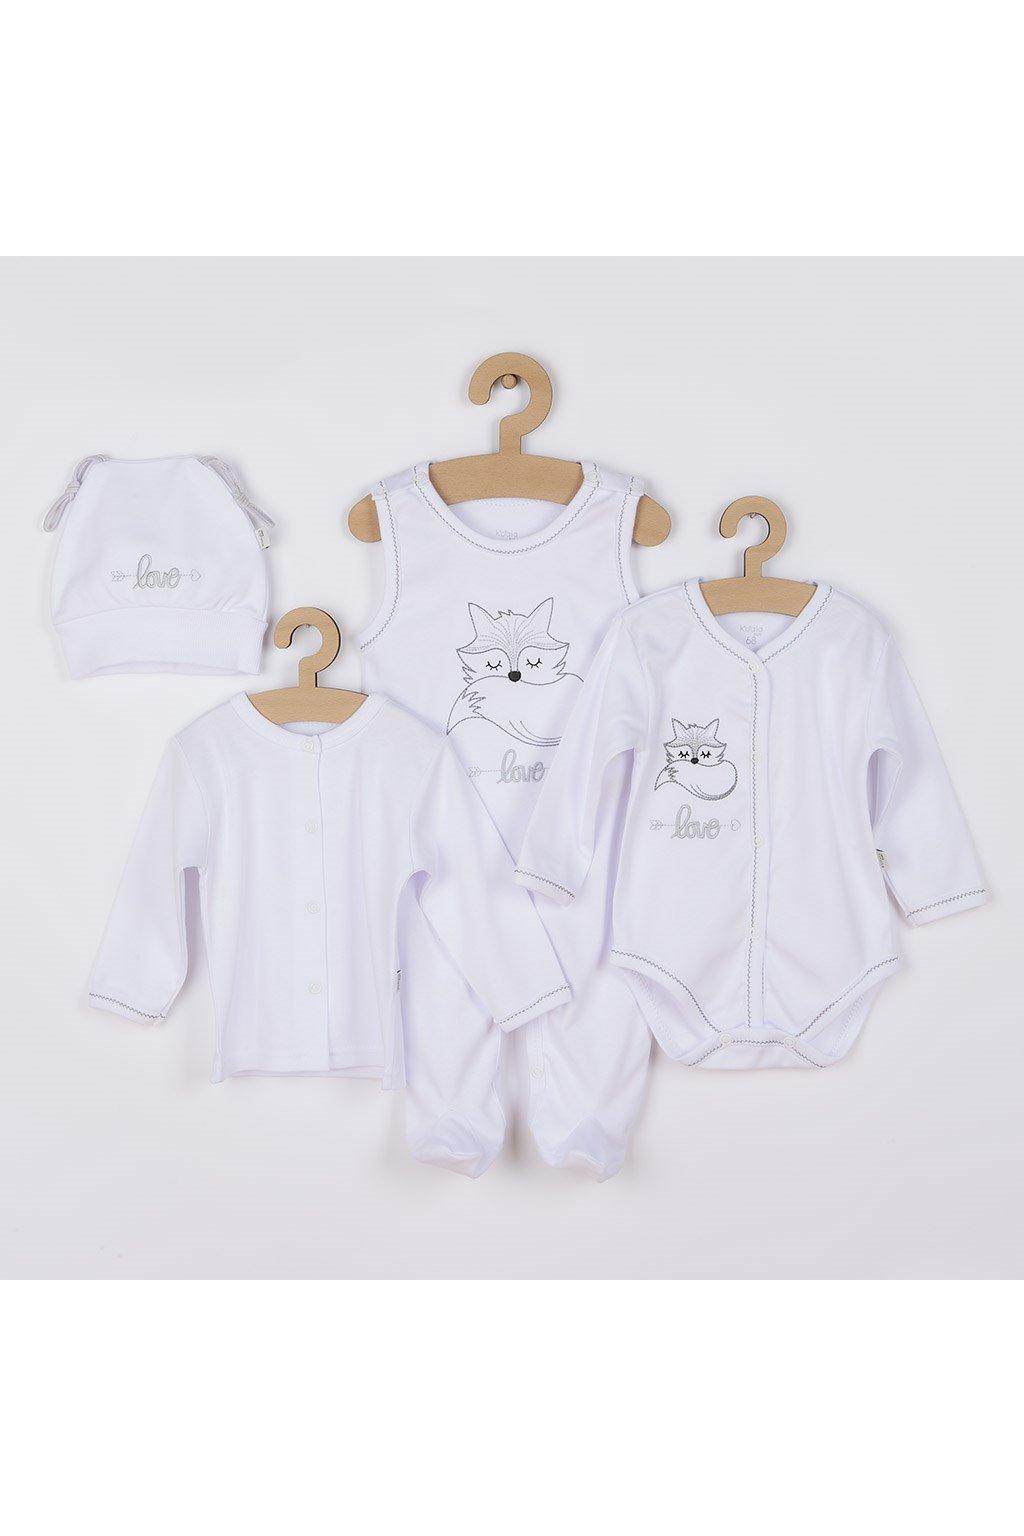 4-dielna dojčenská súprava Koala Fox Love biela